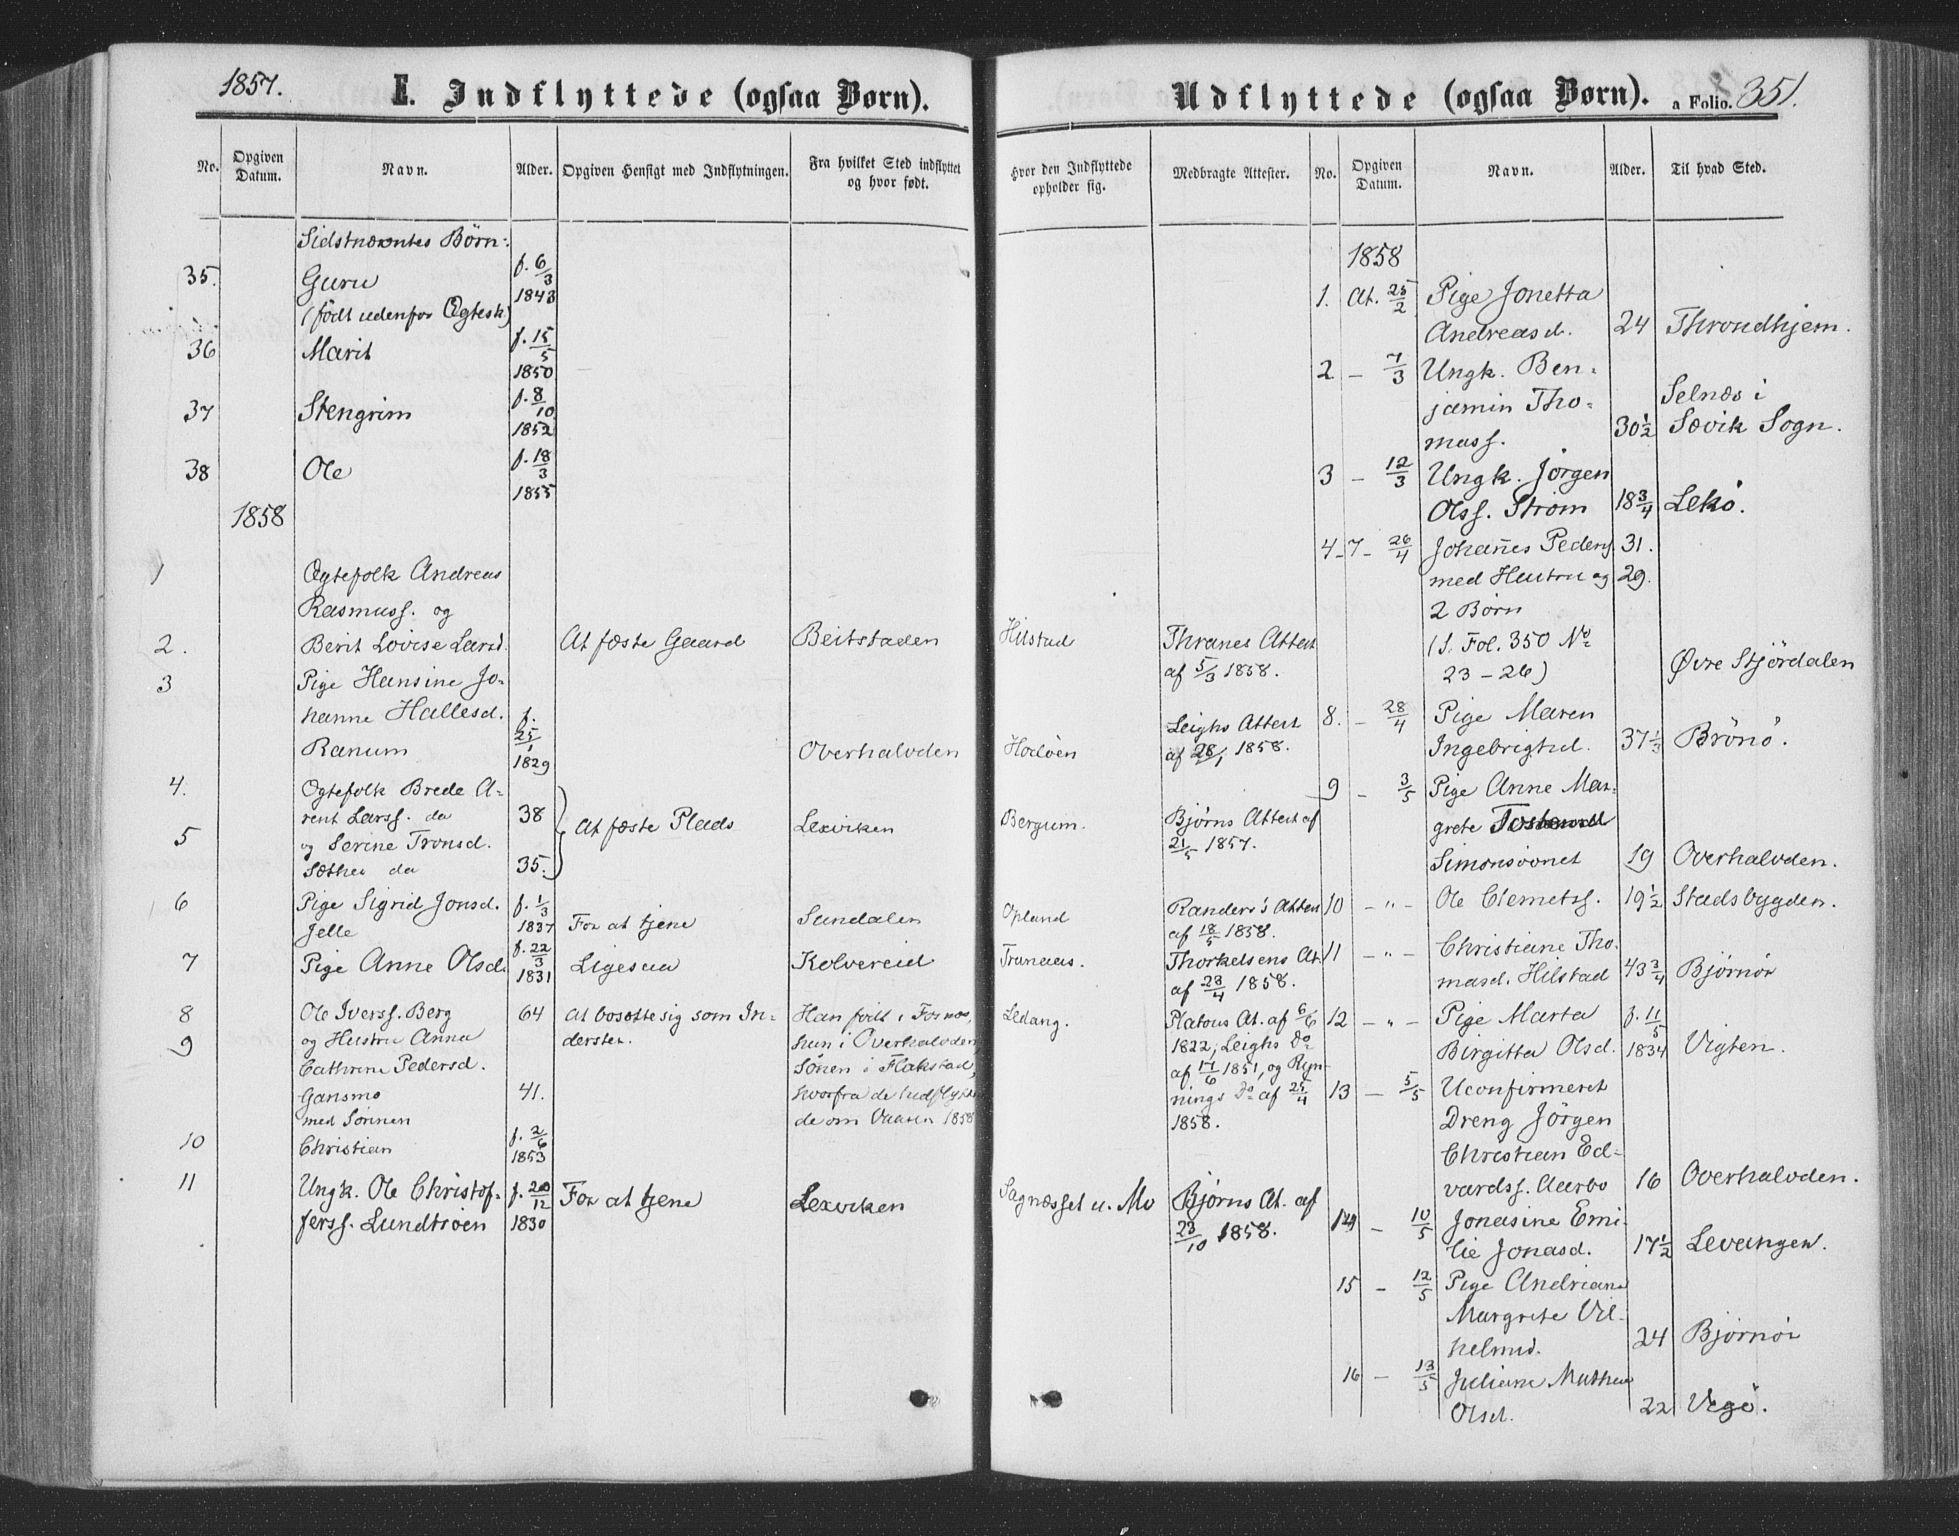 SAT, Ministerialprotokoller, klokkerbøker og fødselsregistre - Nord-Trøndelag, 773/L0615: Ministerialbok nr. 773A06, 1857-1870, s. 351